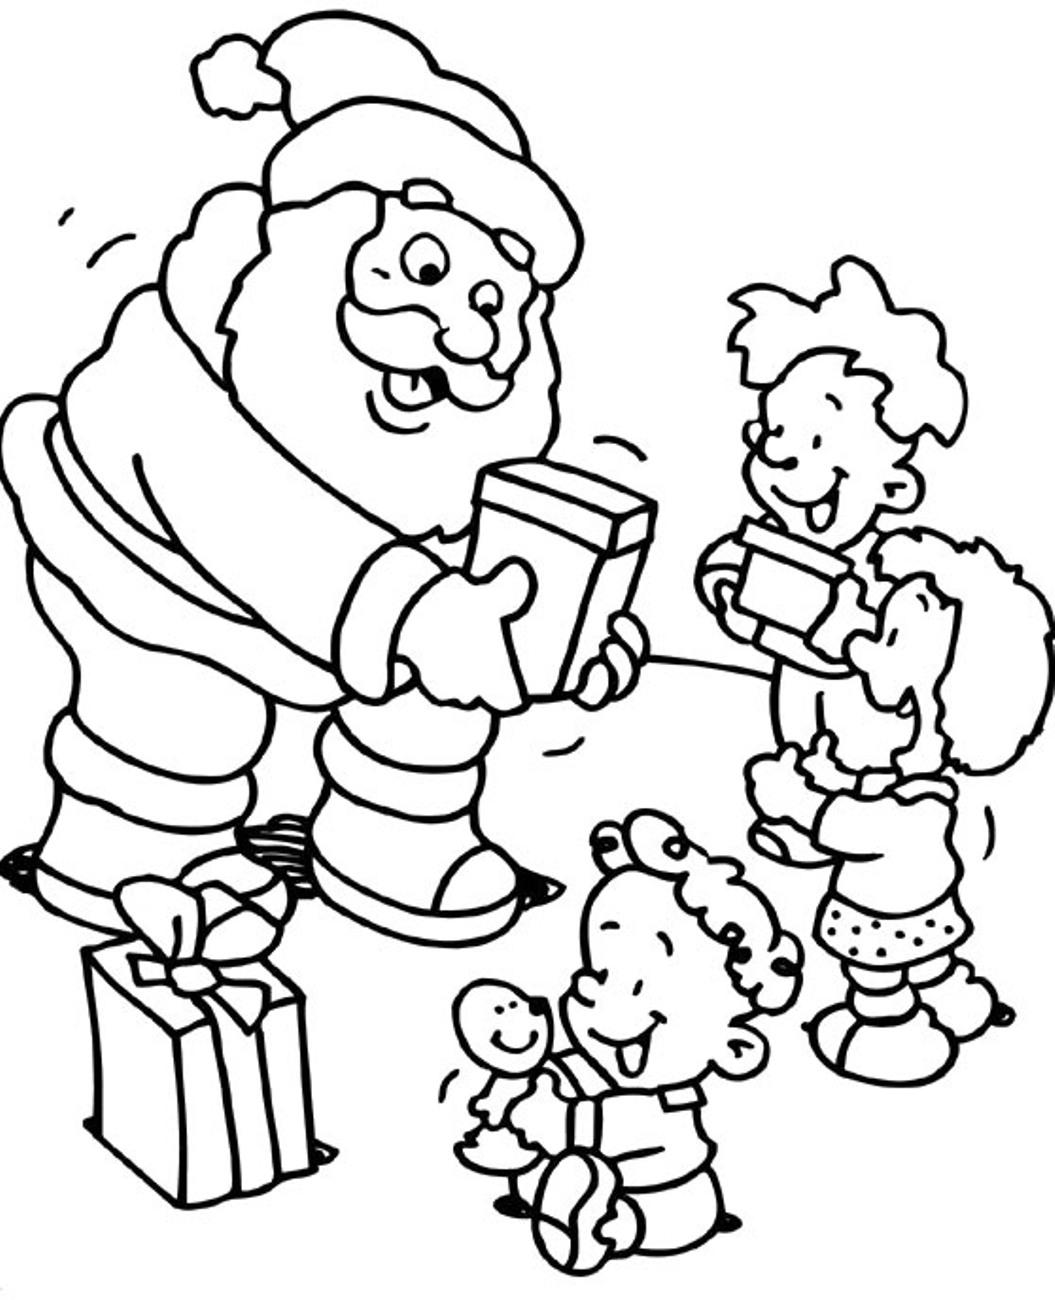 Дед мороз дарит детям подарки Раскраска сказочная зима